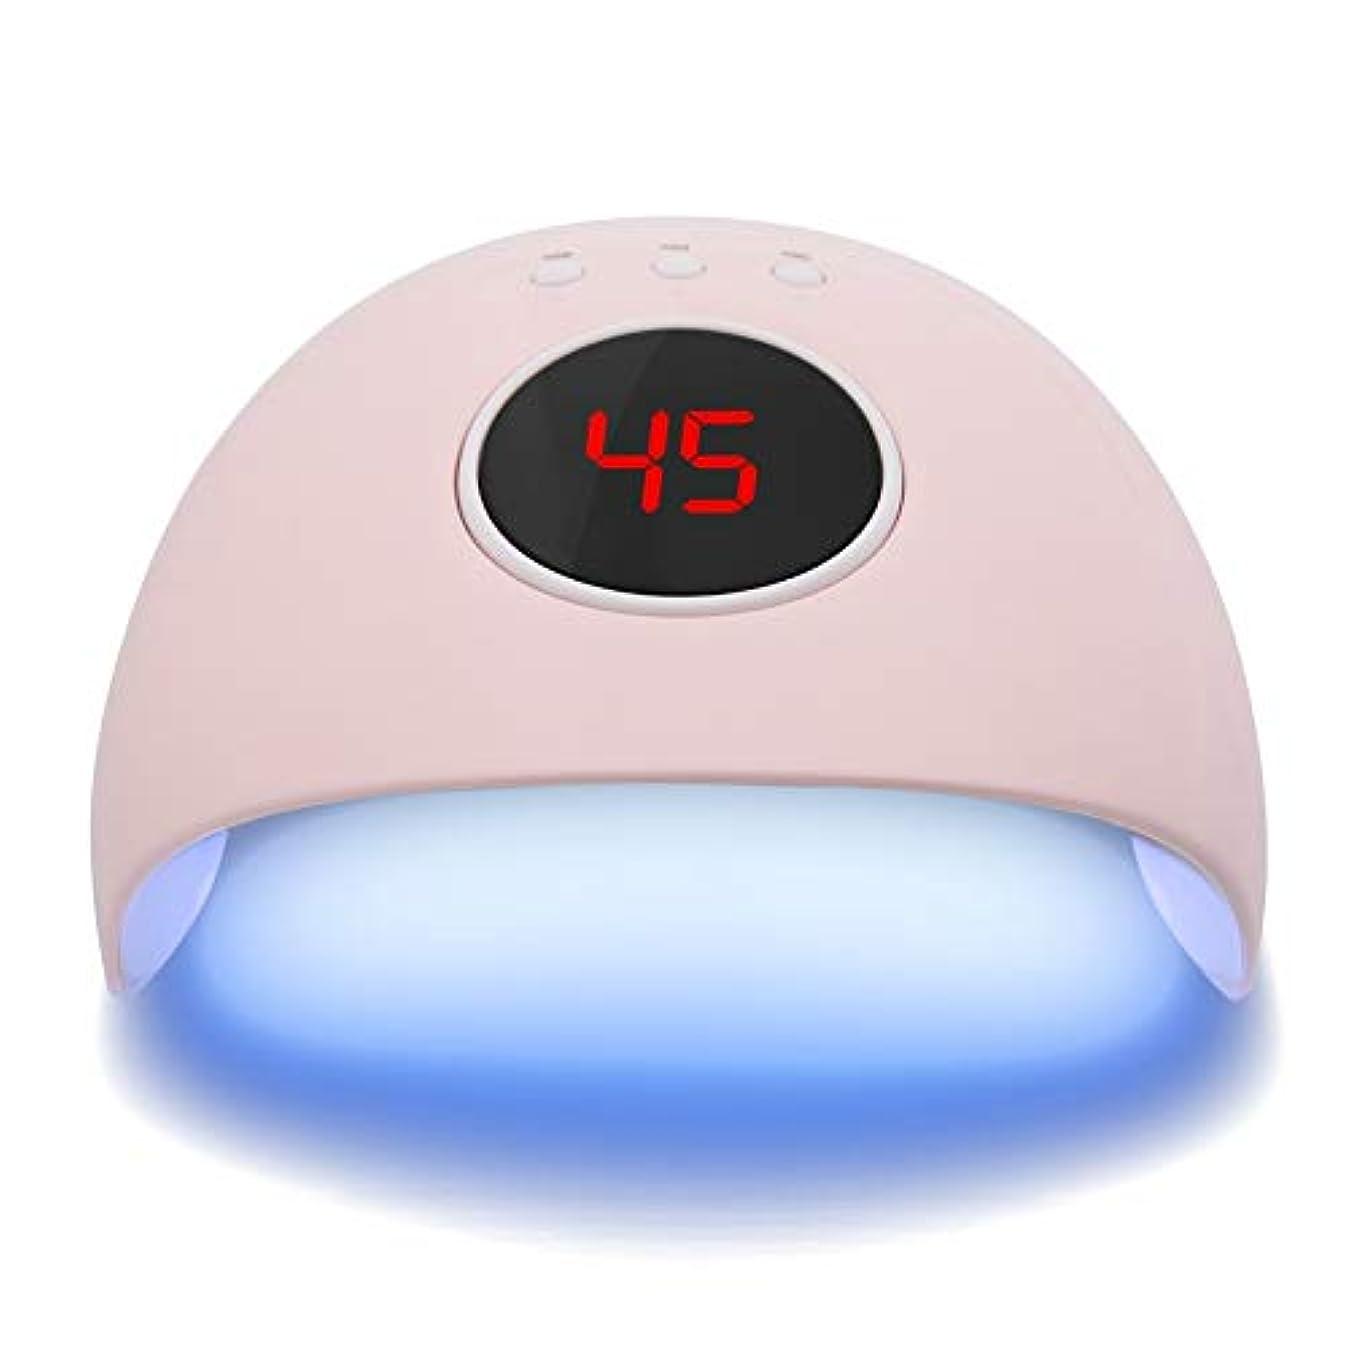 水差しマウス宇宙24W ネイルドライヤー 液晶ディスプレイ UVデュアル光源 ジェルポリッシュランプライト硬化マニキュア機